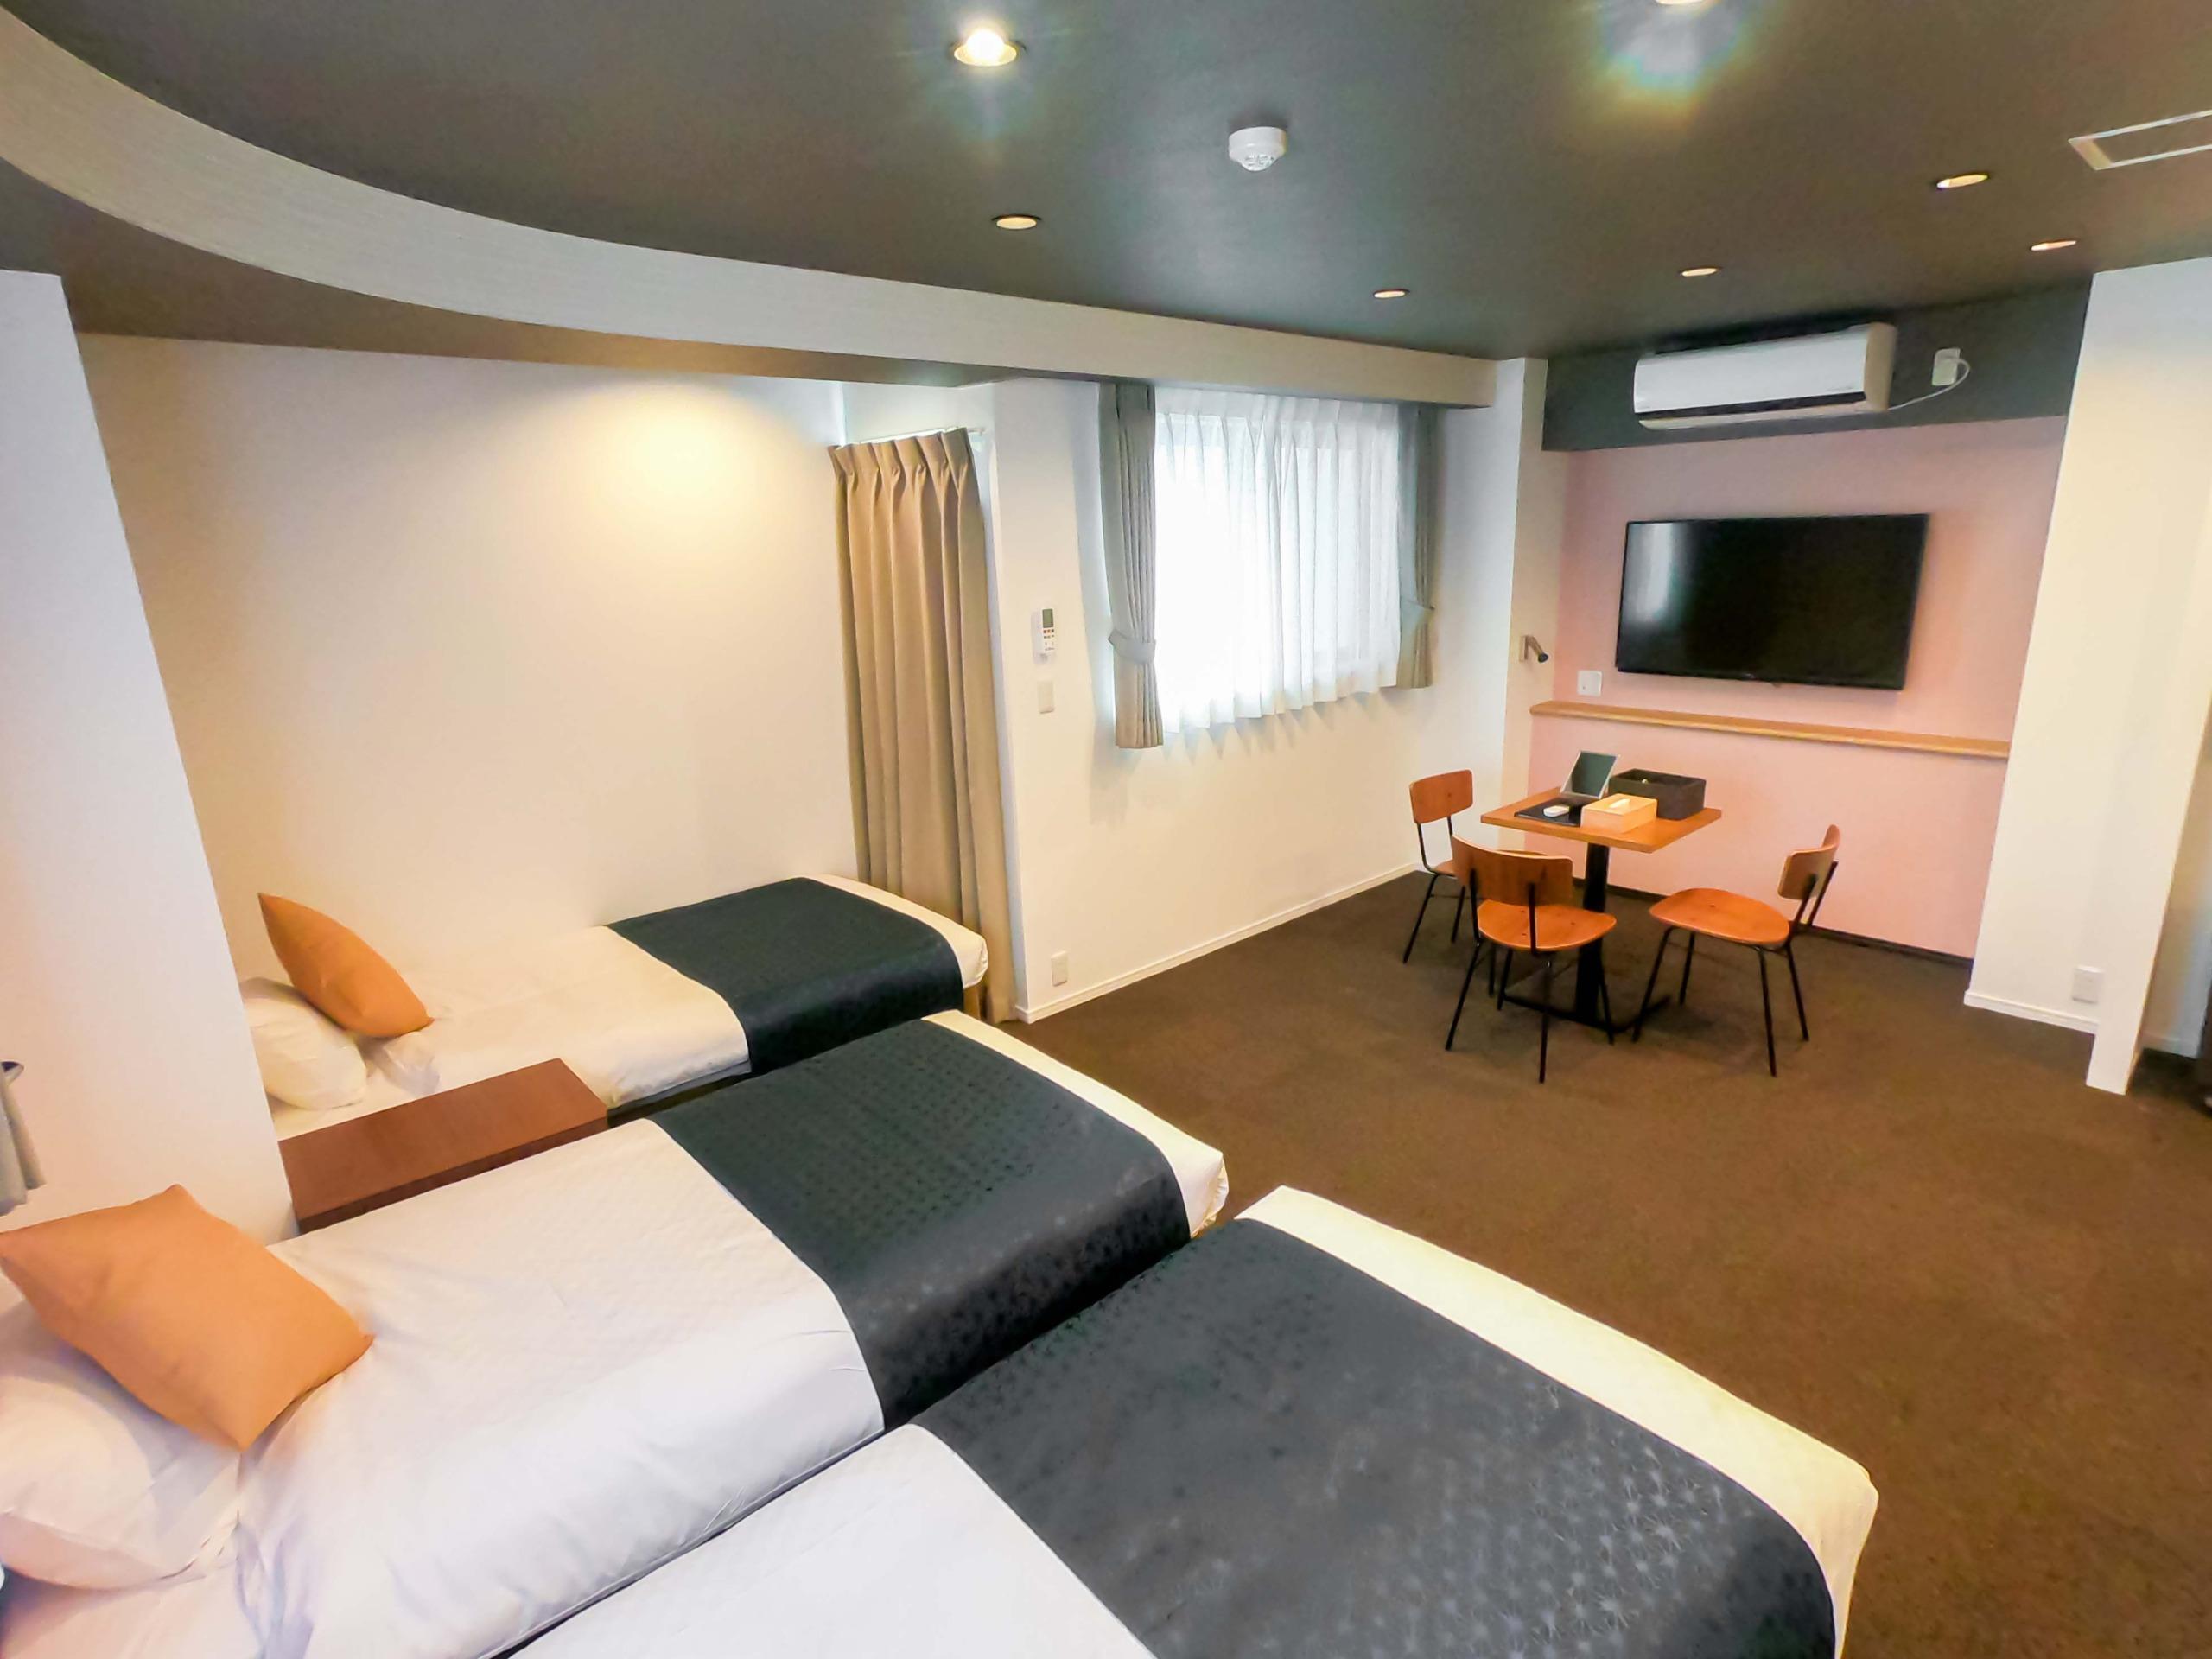 HOTEL S-PRESSO CENTRAL